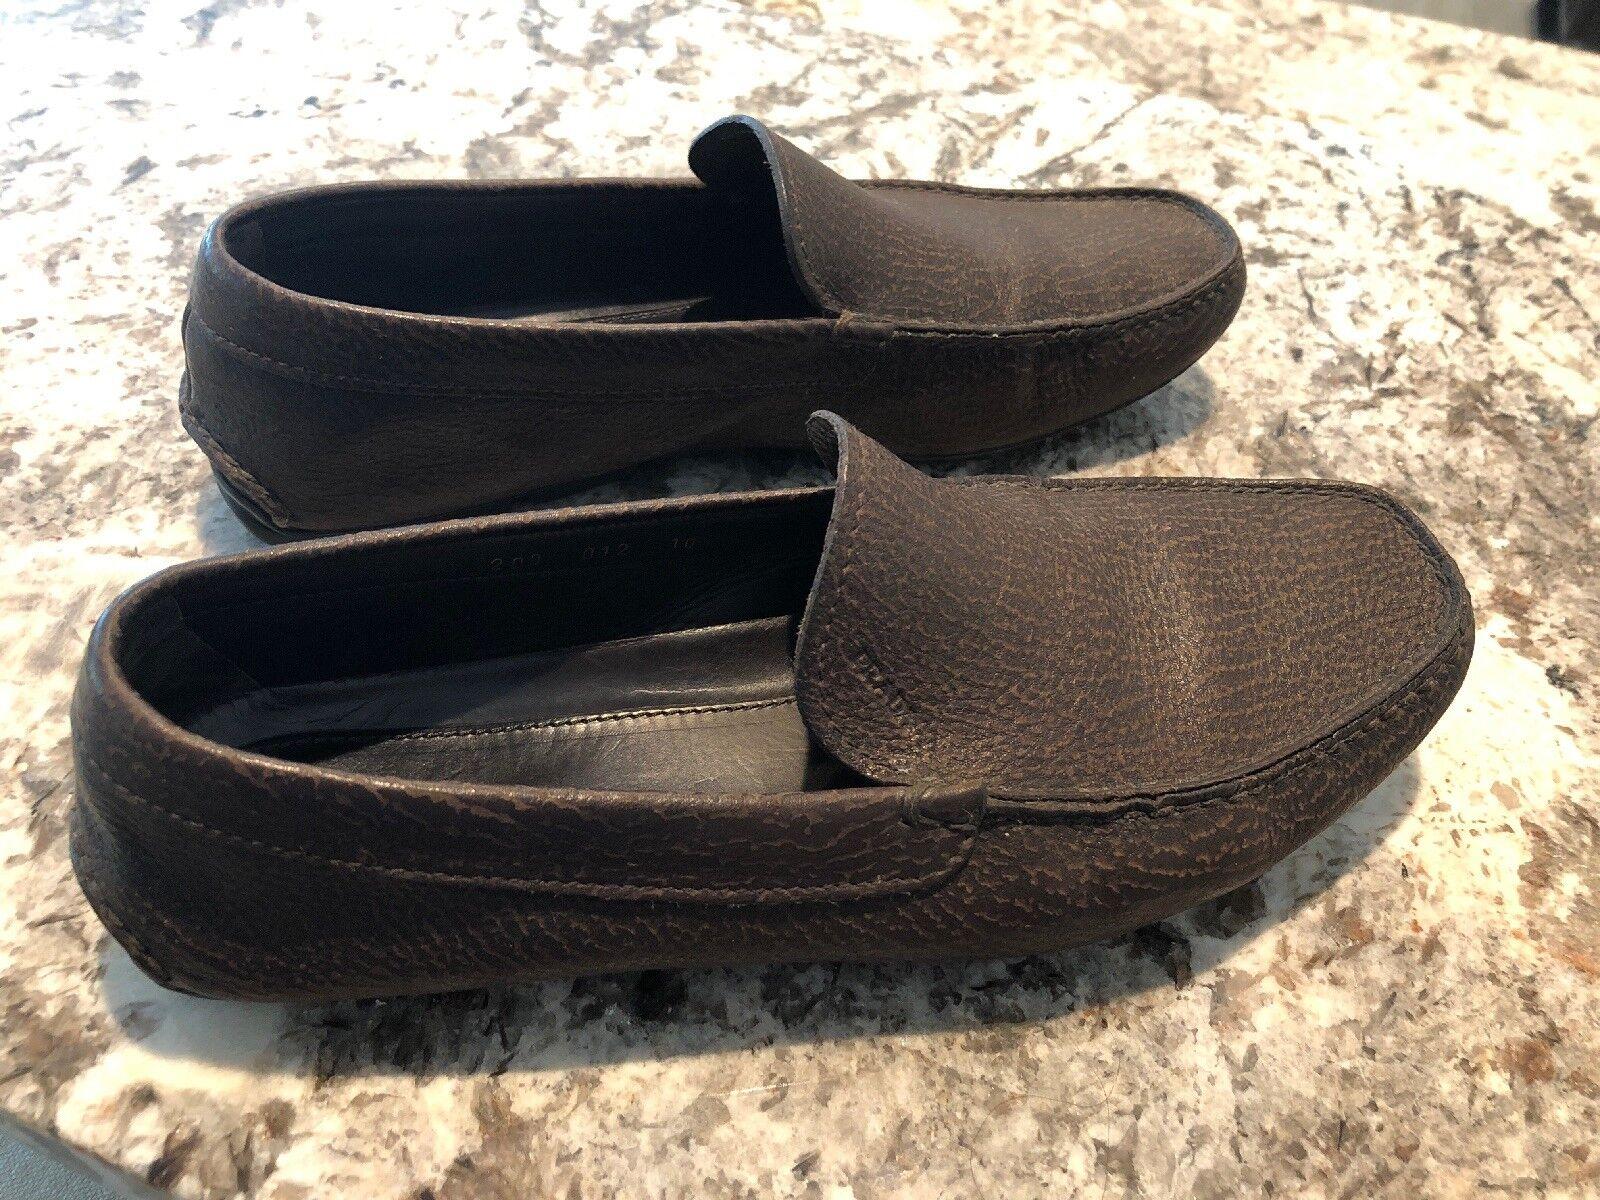 Mens prada shoes size 11